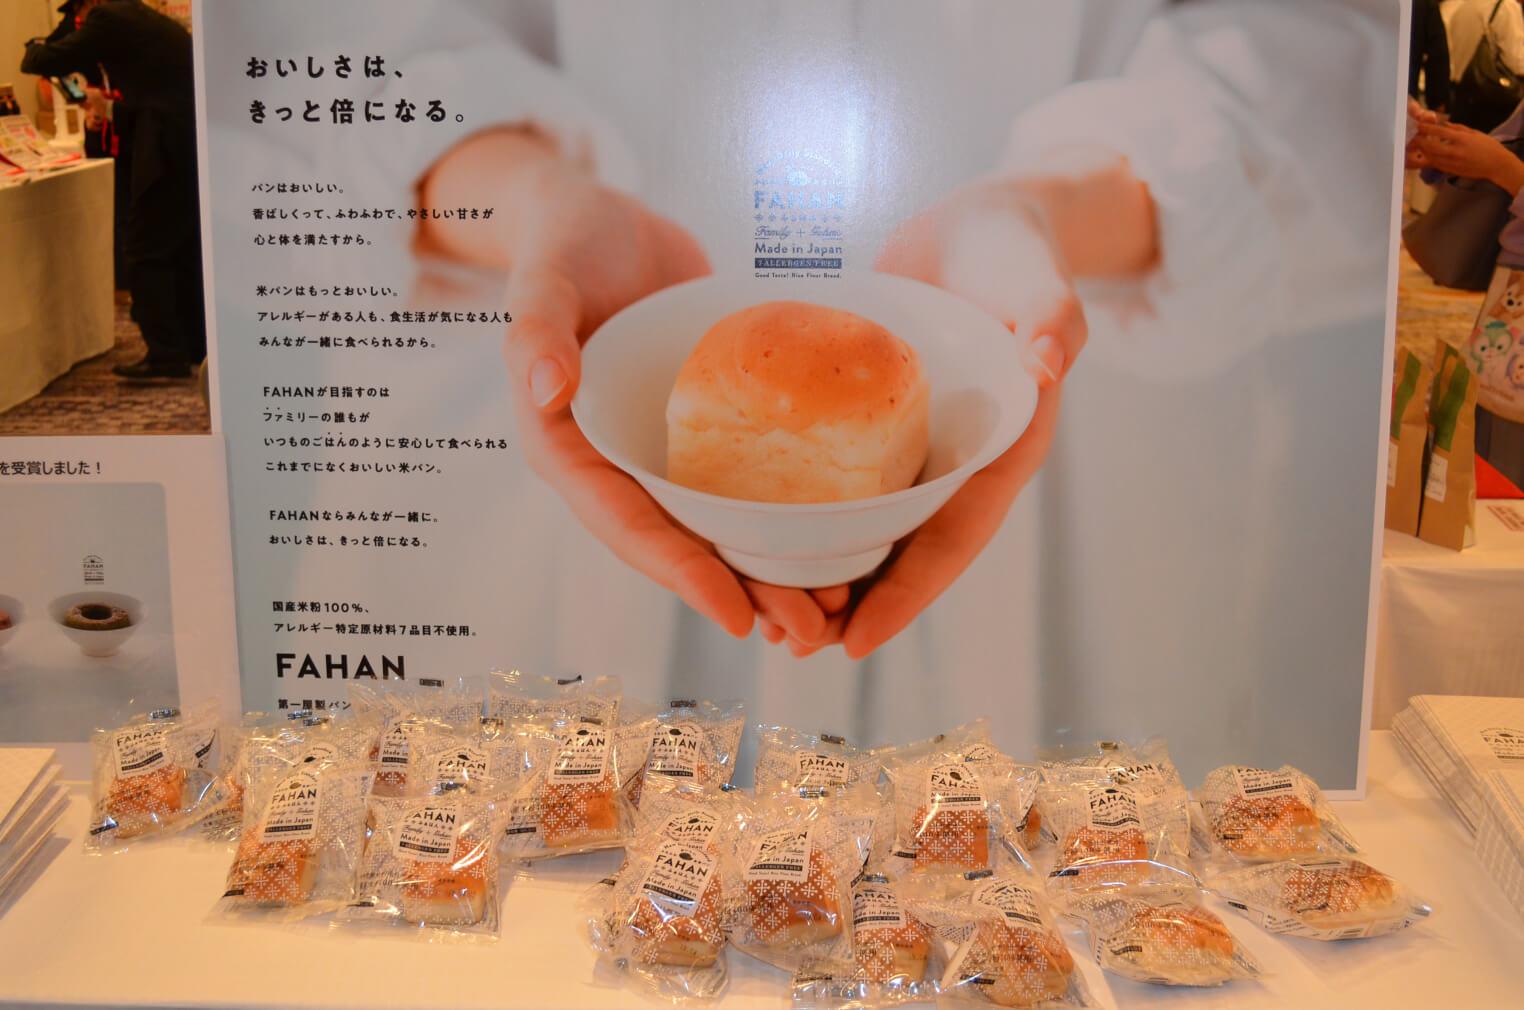 第一屋製パン株式会社バーチャルEXPO2018キャッチコピー画像